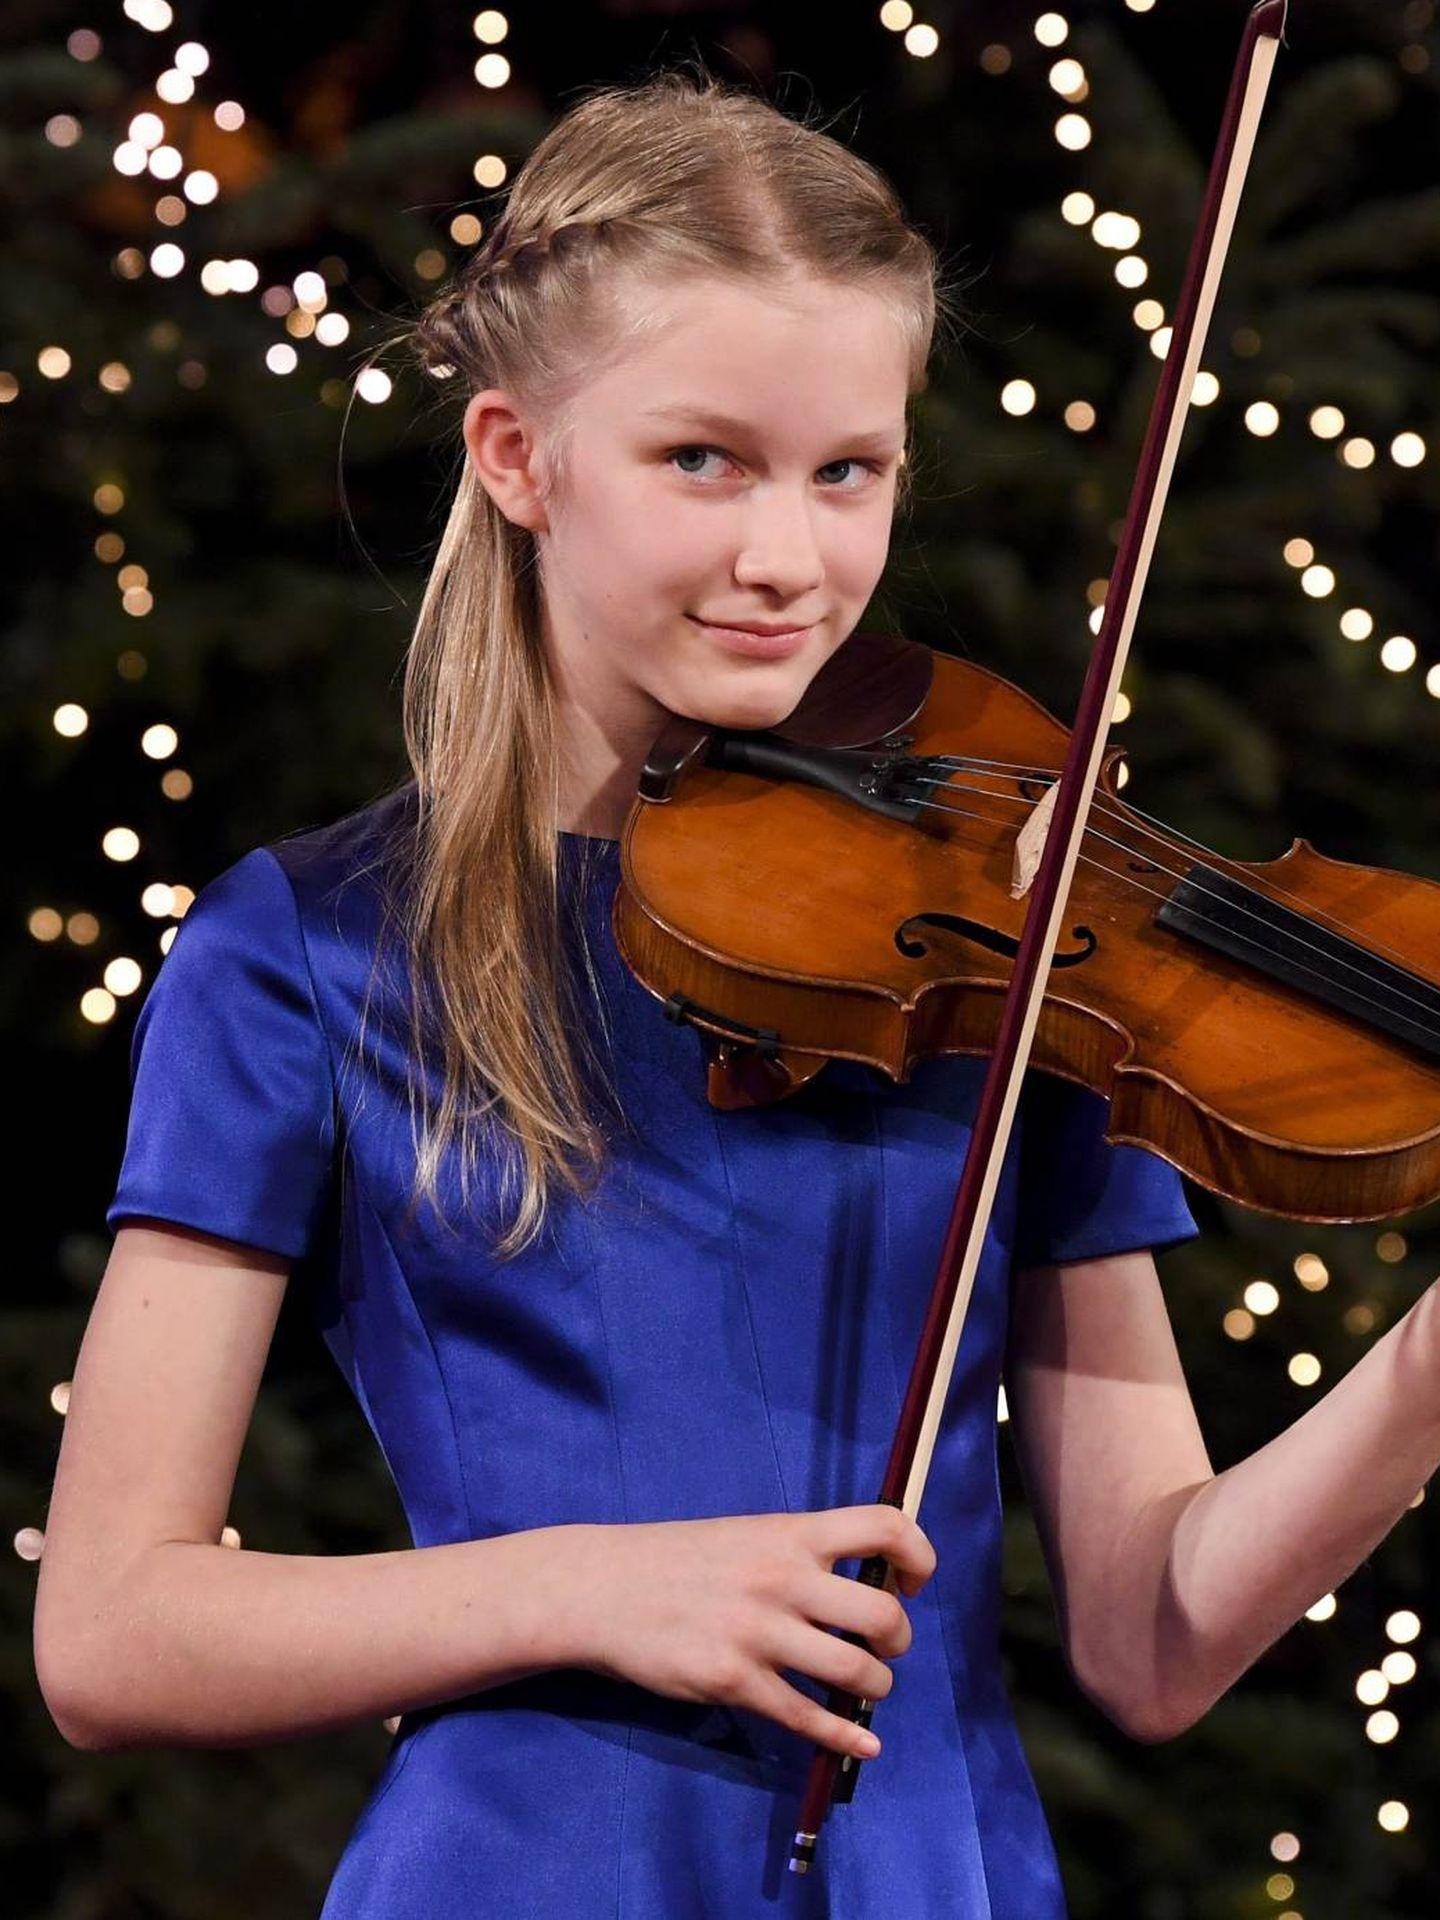 La princesa Eléonore, al violín. (Cordon Press)